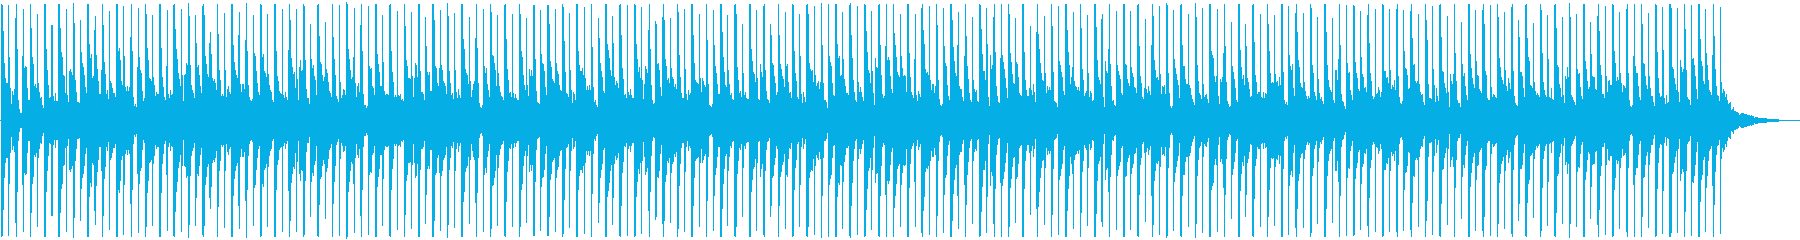 1分間のシンキングタイム向け楽曲の再生済みの波形